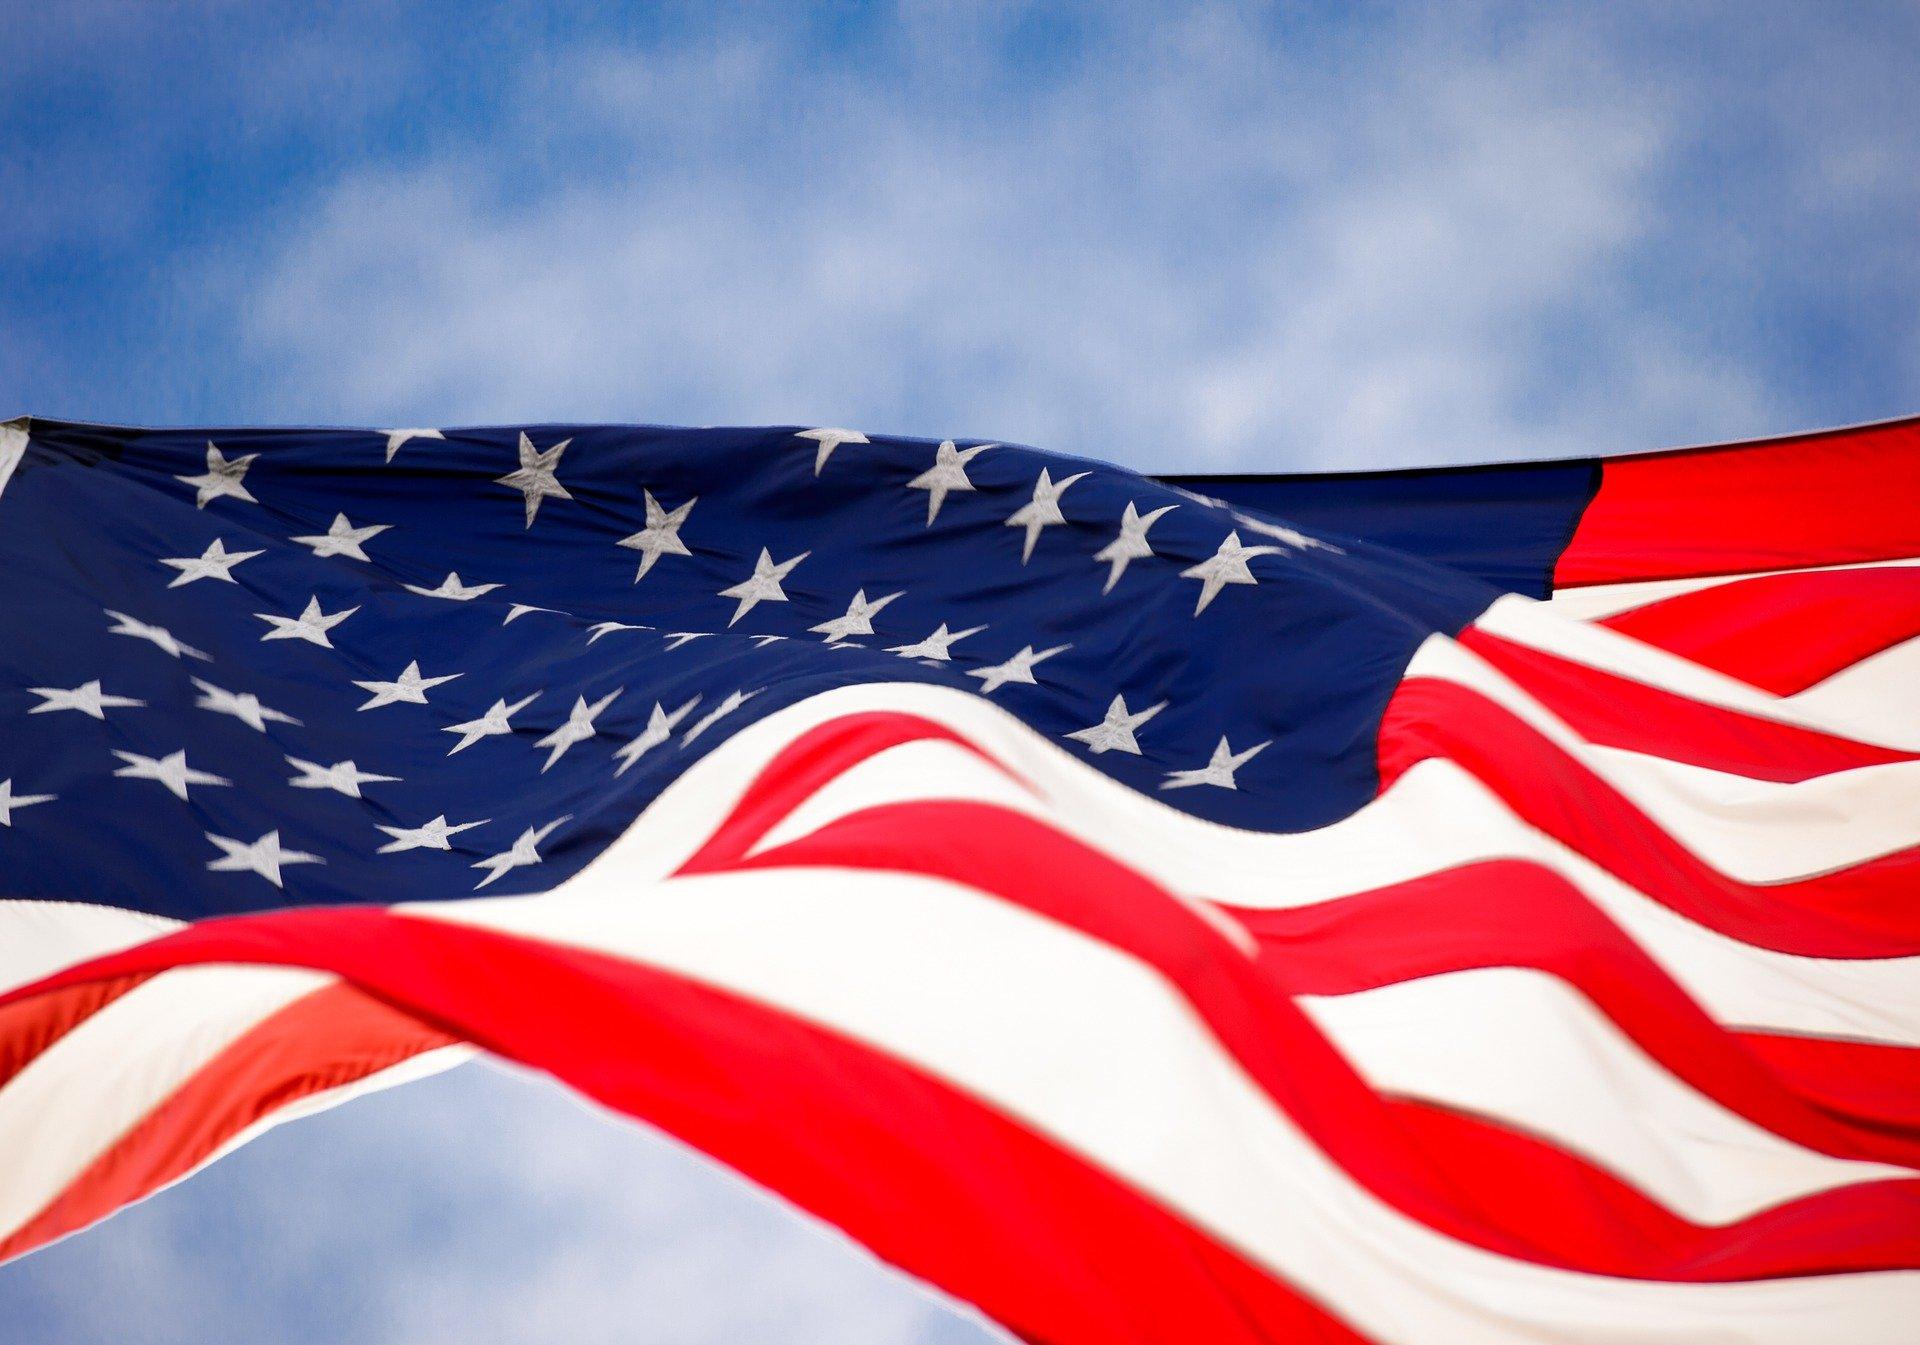 Посол США выразил надежду на возобновление консульских услуг в России